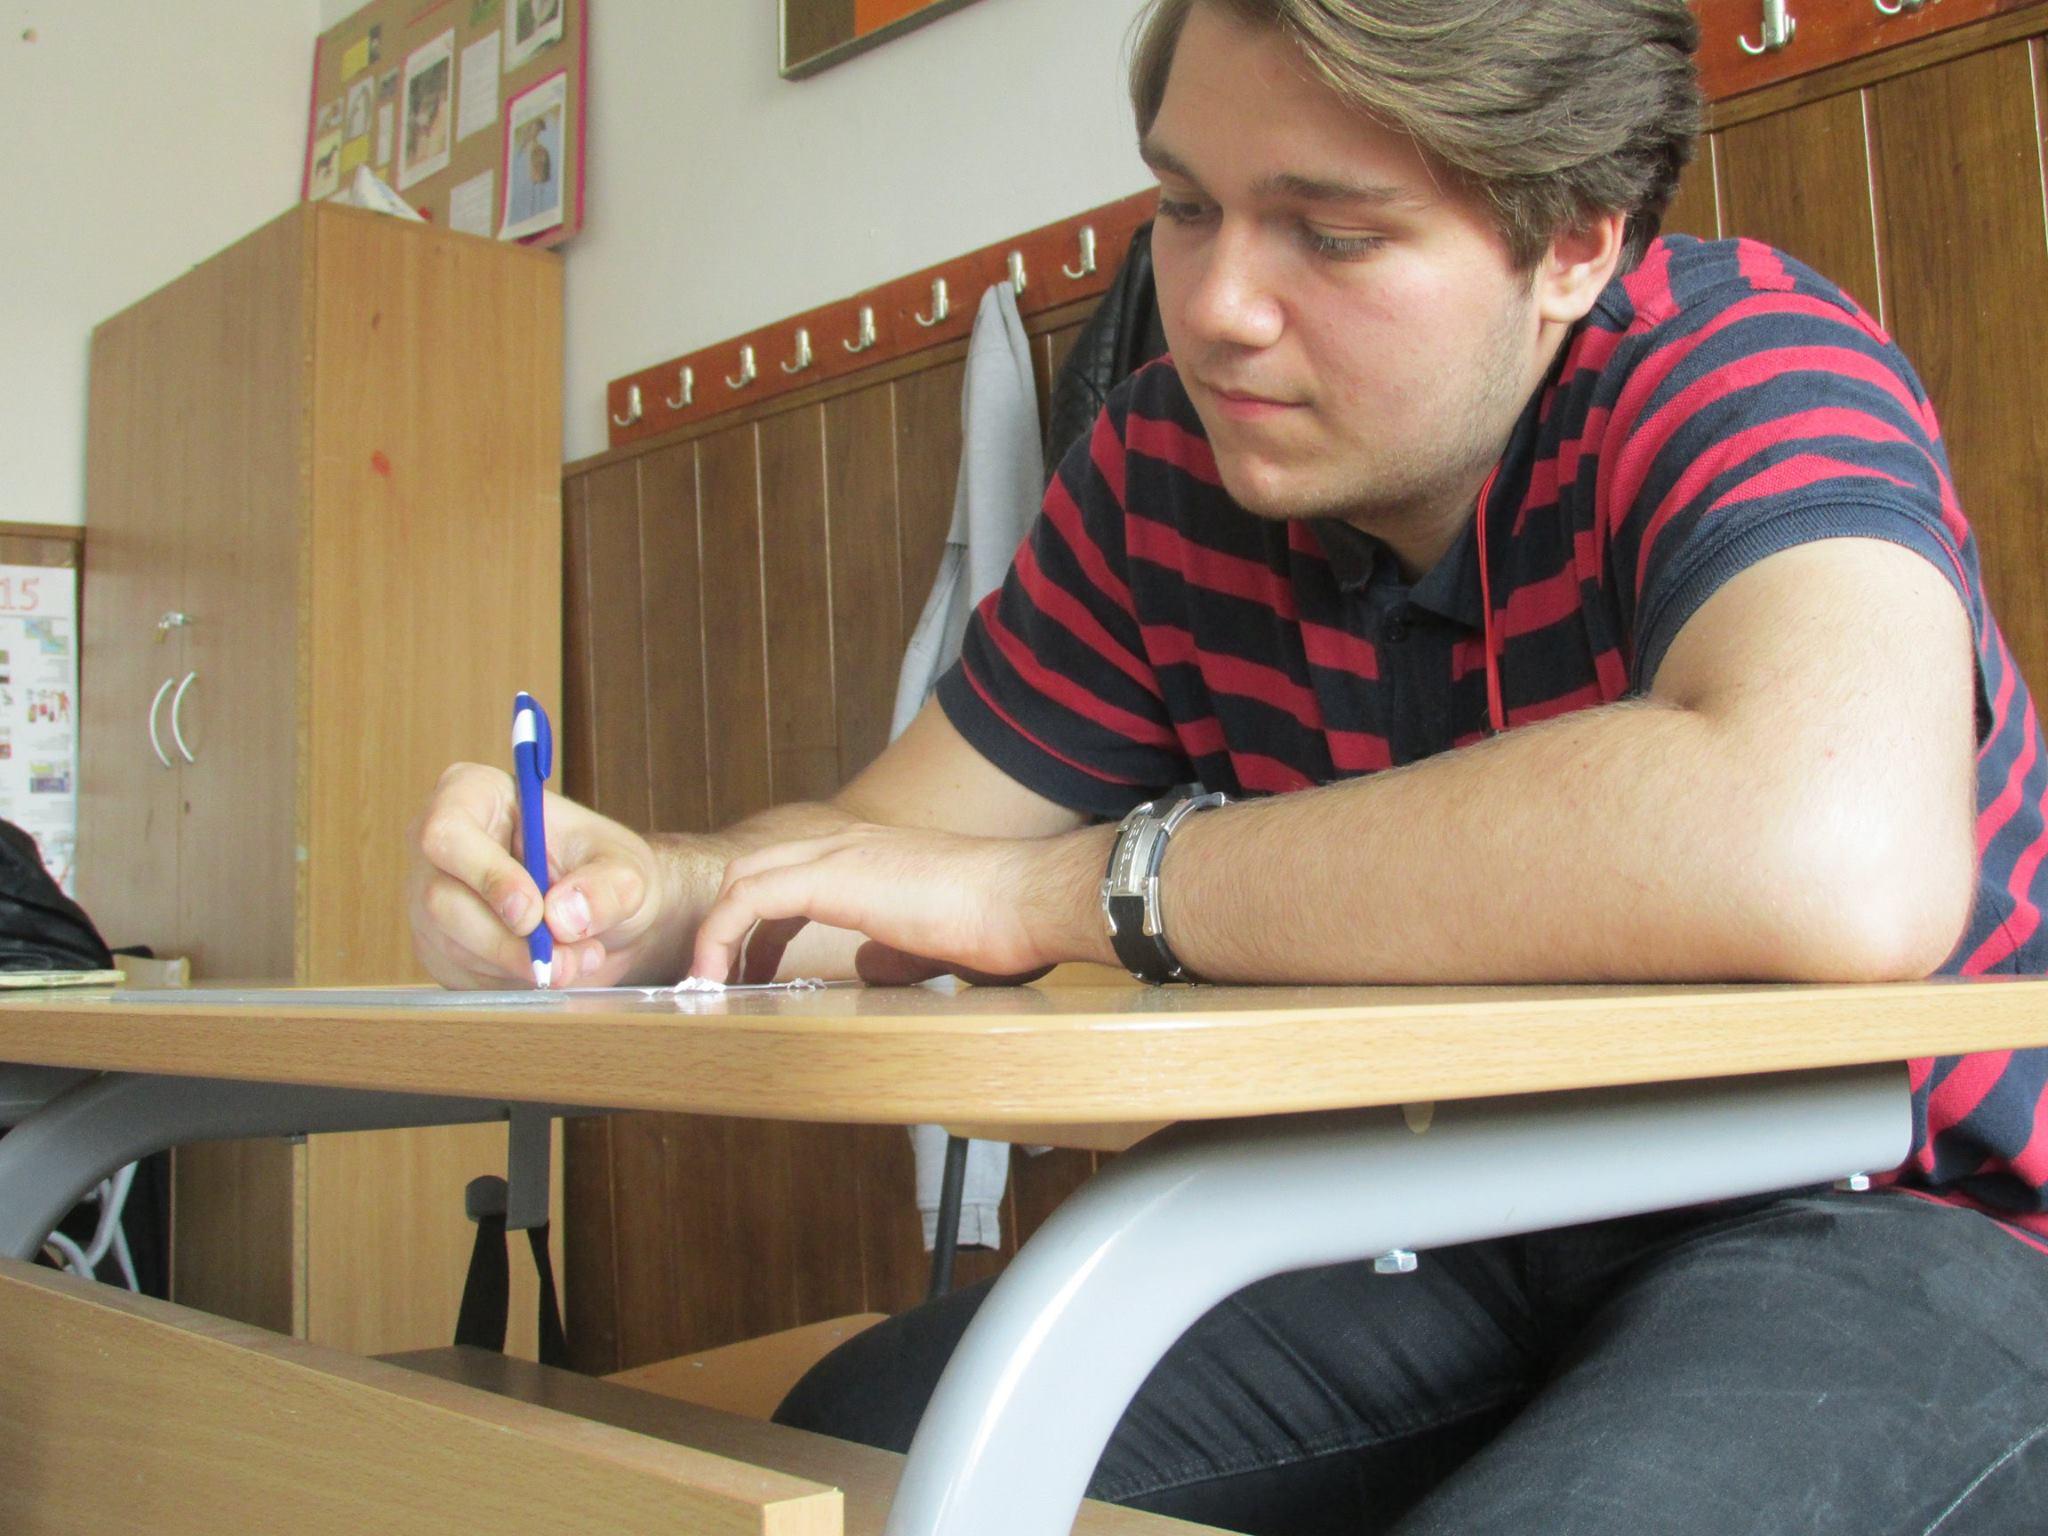 10 Proiect Viata fara Violena - Ana Hristea - clasa a-IX-a B – Colegiul National Mihai Eminescu